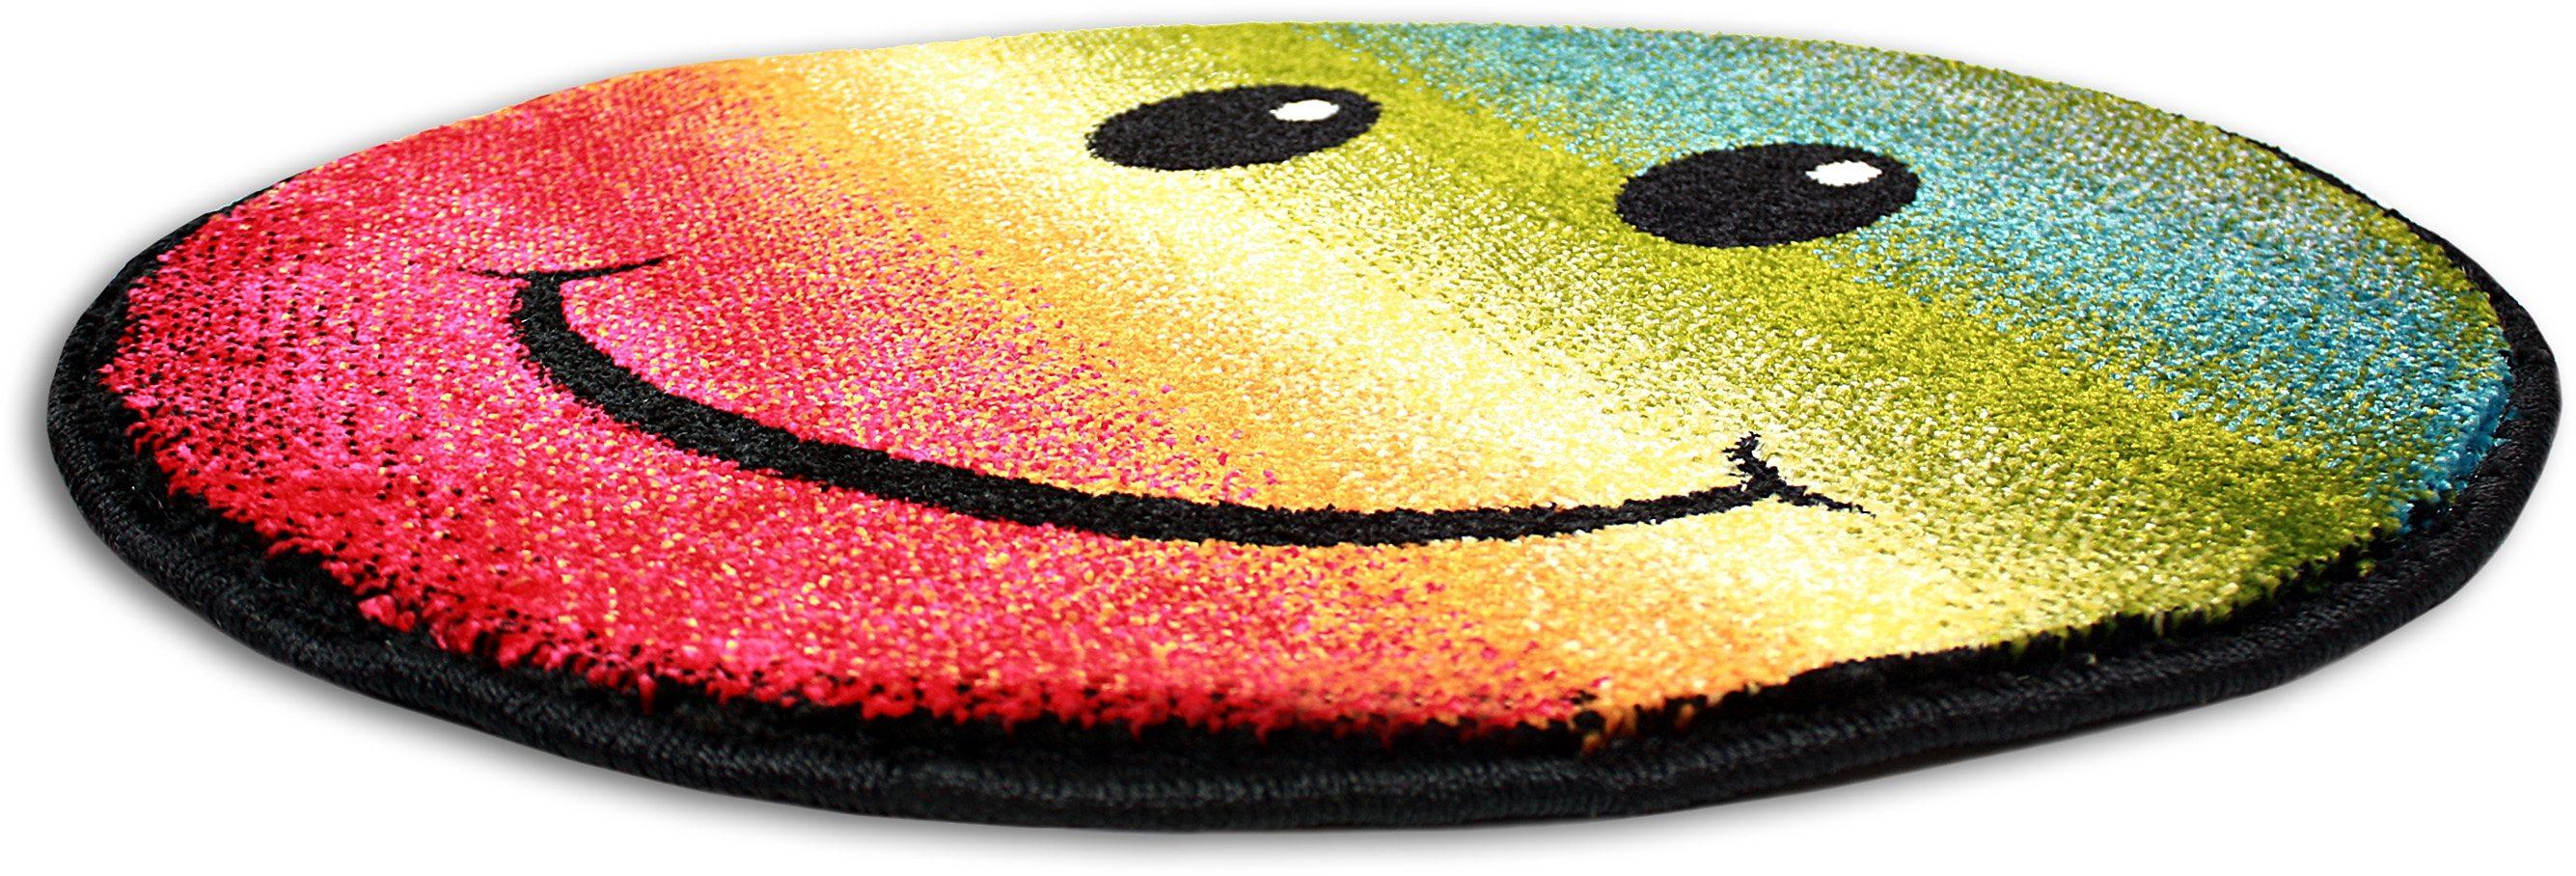 Teppich Rund, Trend-Teppiche, »Kolibri 11089«, machinell erstellt